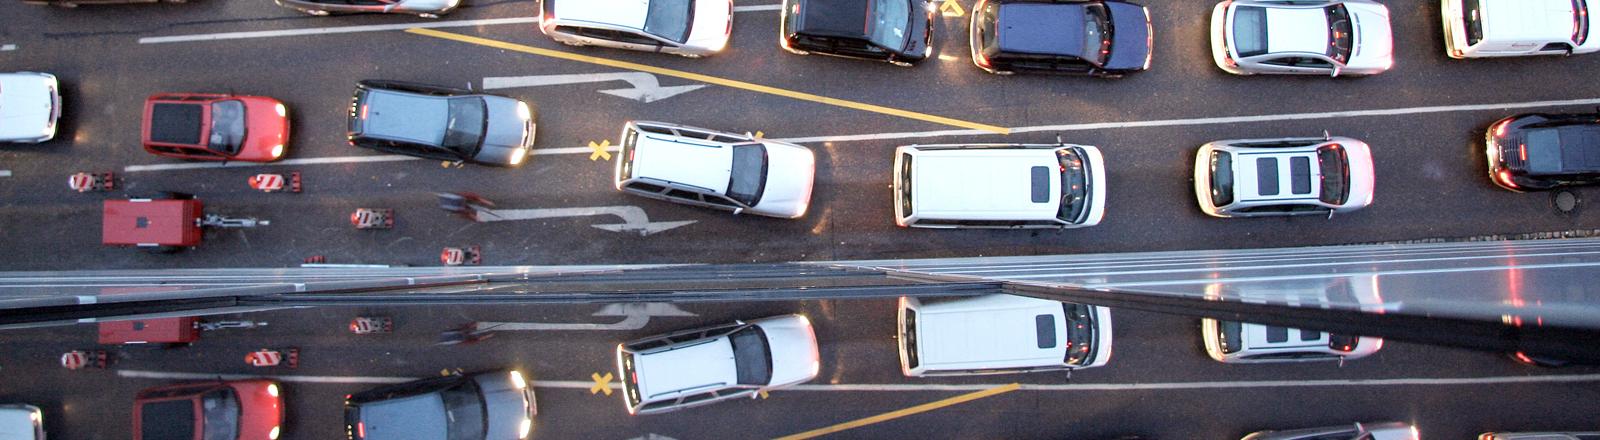 Autoverkehr und Stau von oben